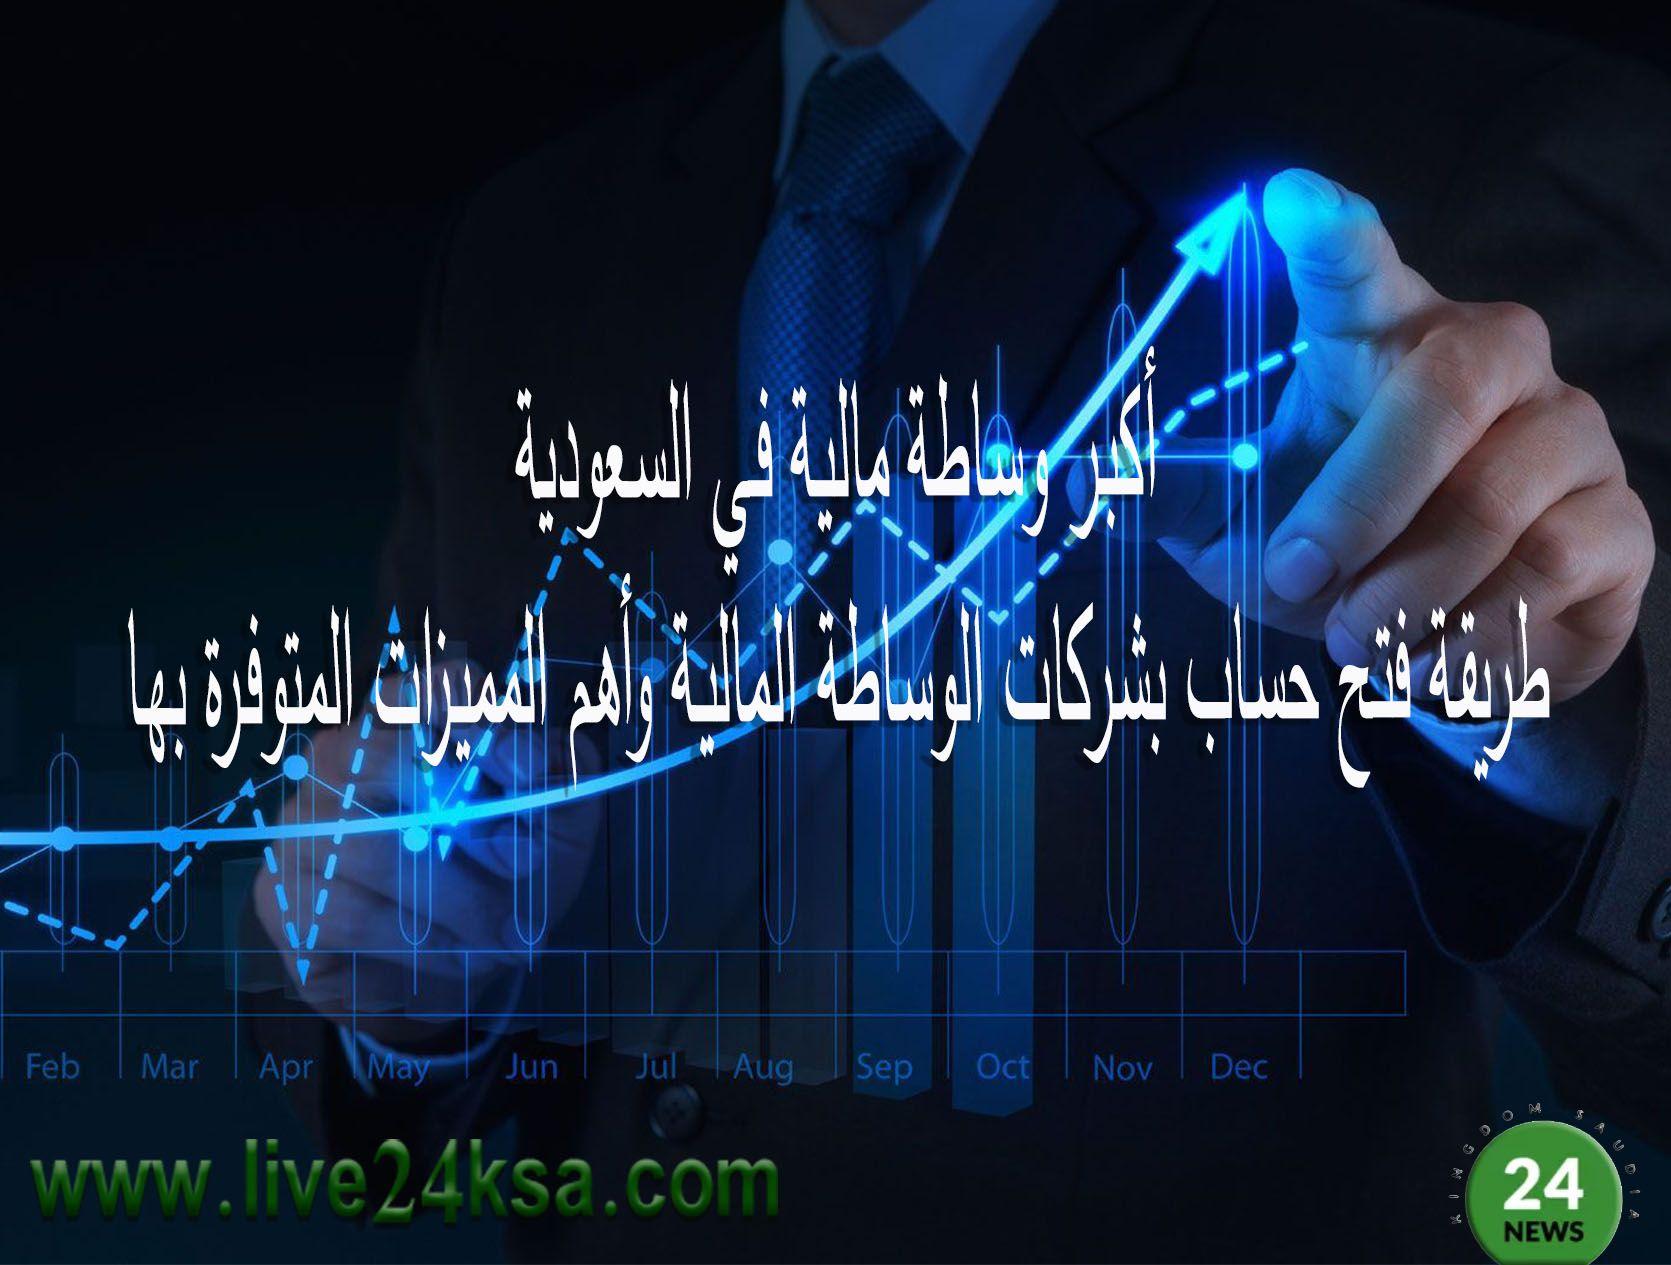 أكبر وساطة مالية في السعودية طريقة فتح حساب بشركات الوساطة المالية وأهم المميزات المتوفرة بها Blog Posts Post Trading